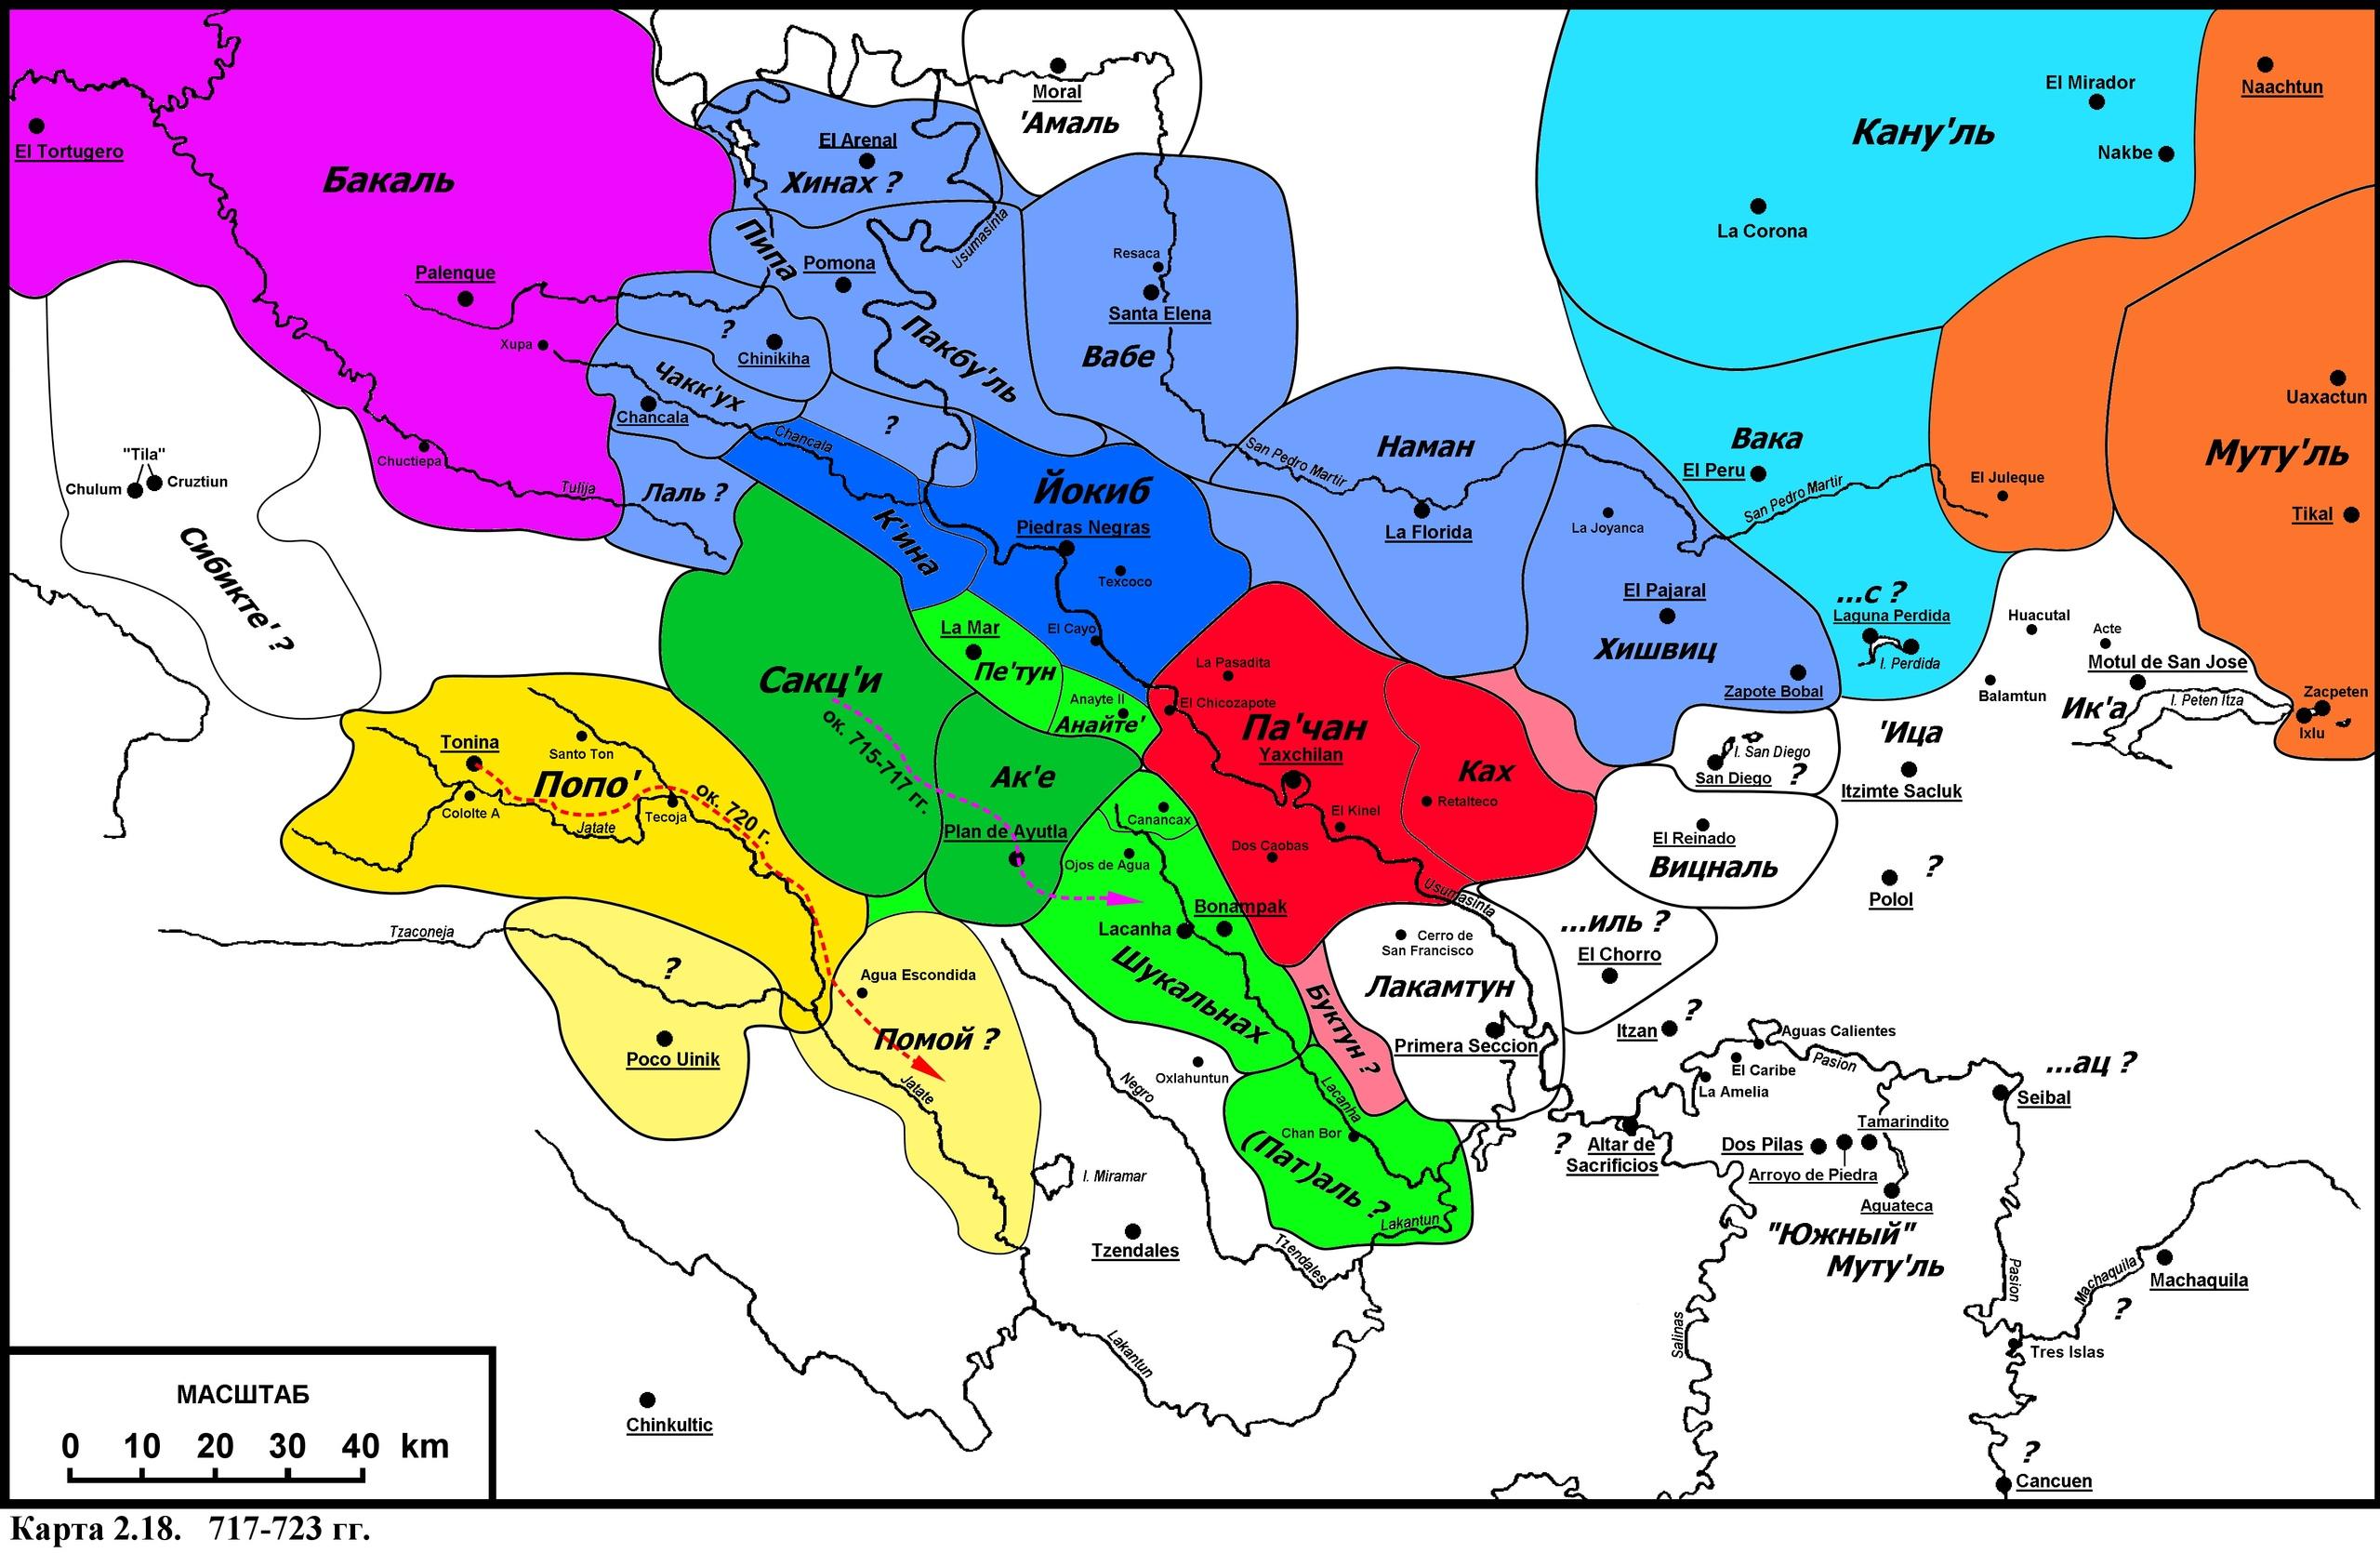 Царство Сакц'и возвращает контроль над Ак'е и подчиняет Шукальнах